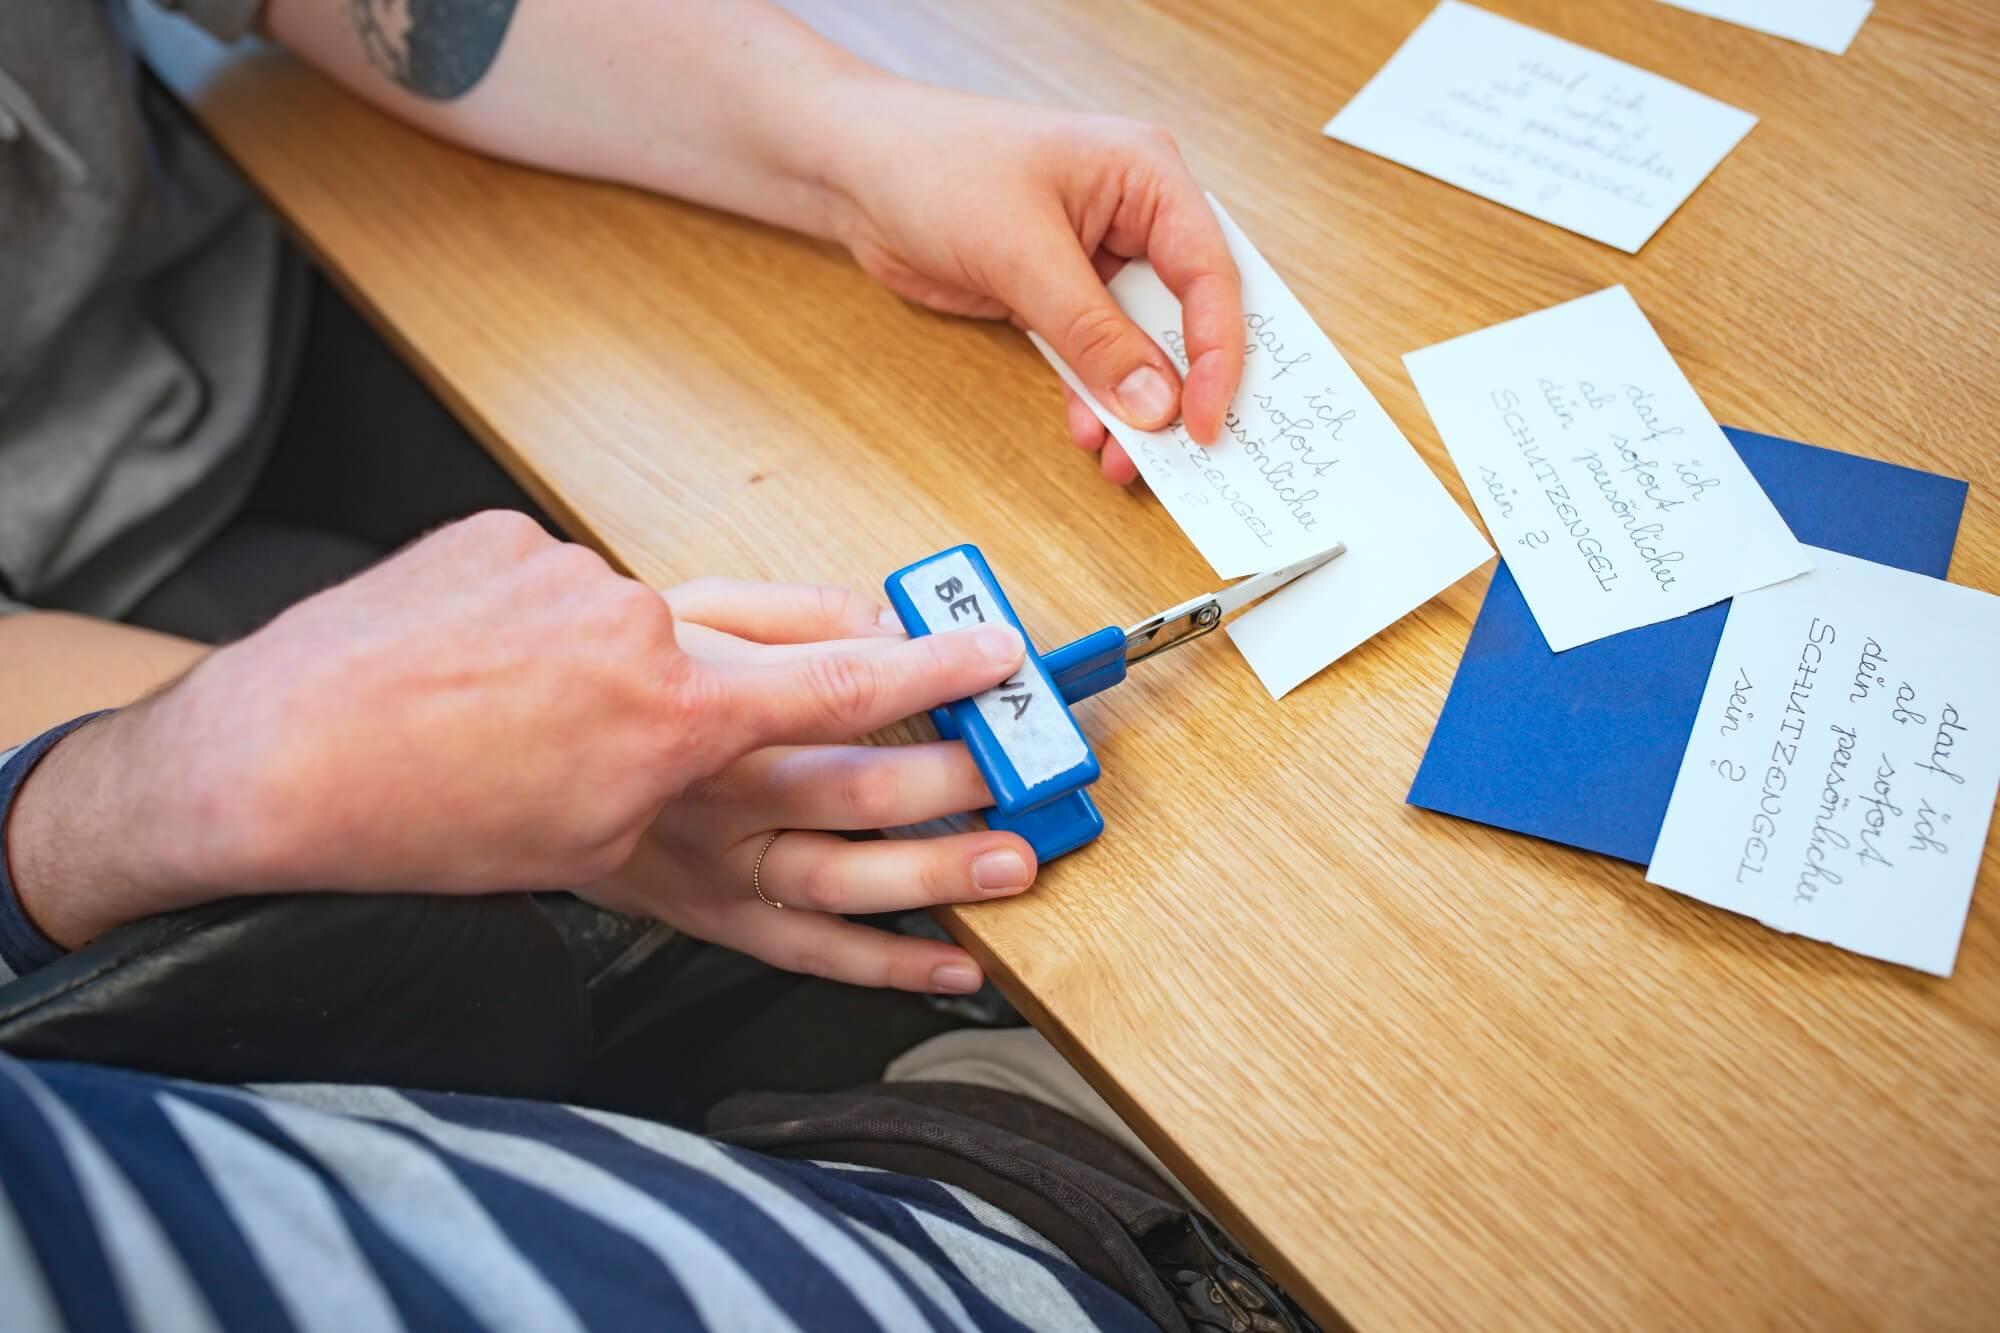 Foto von Händen eines Menschen mit Behinderung, die mit einer speziellen Schere Papier schneiden.